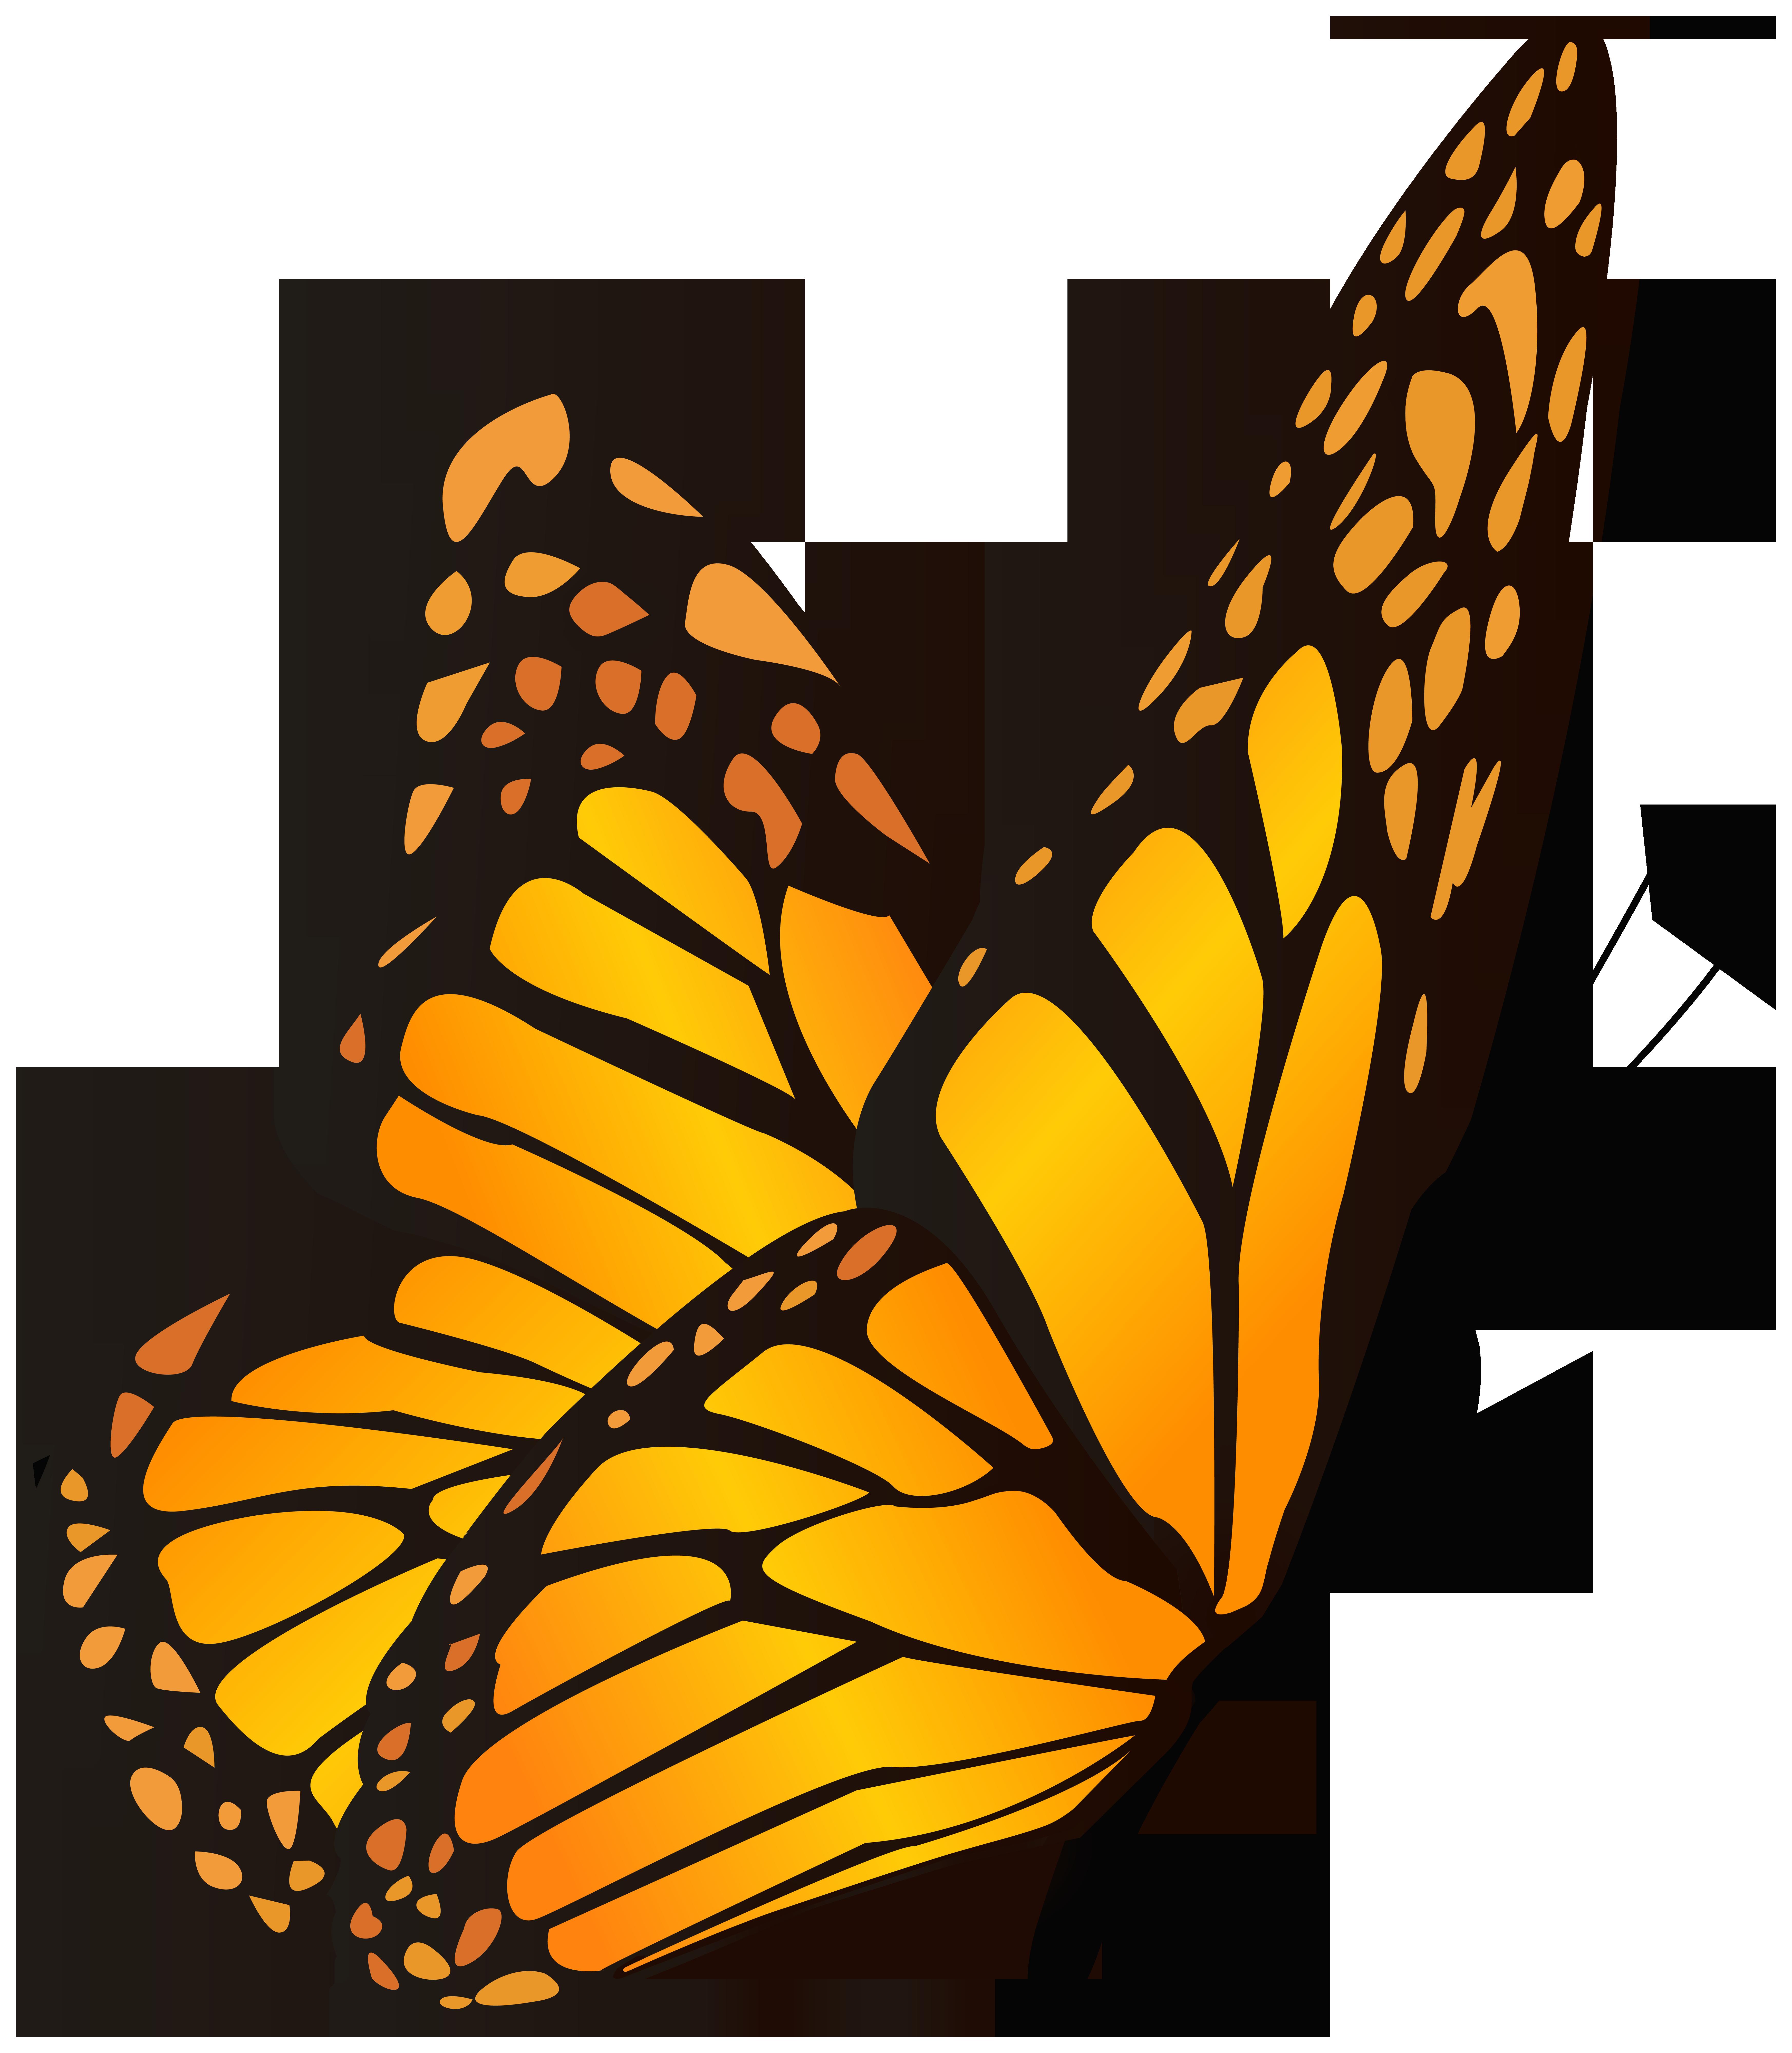 Butterfly orange yellow.